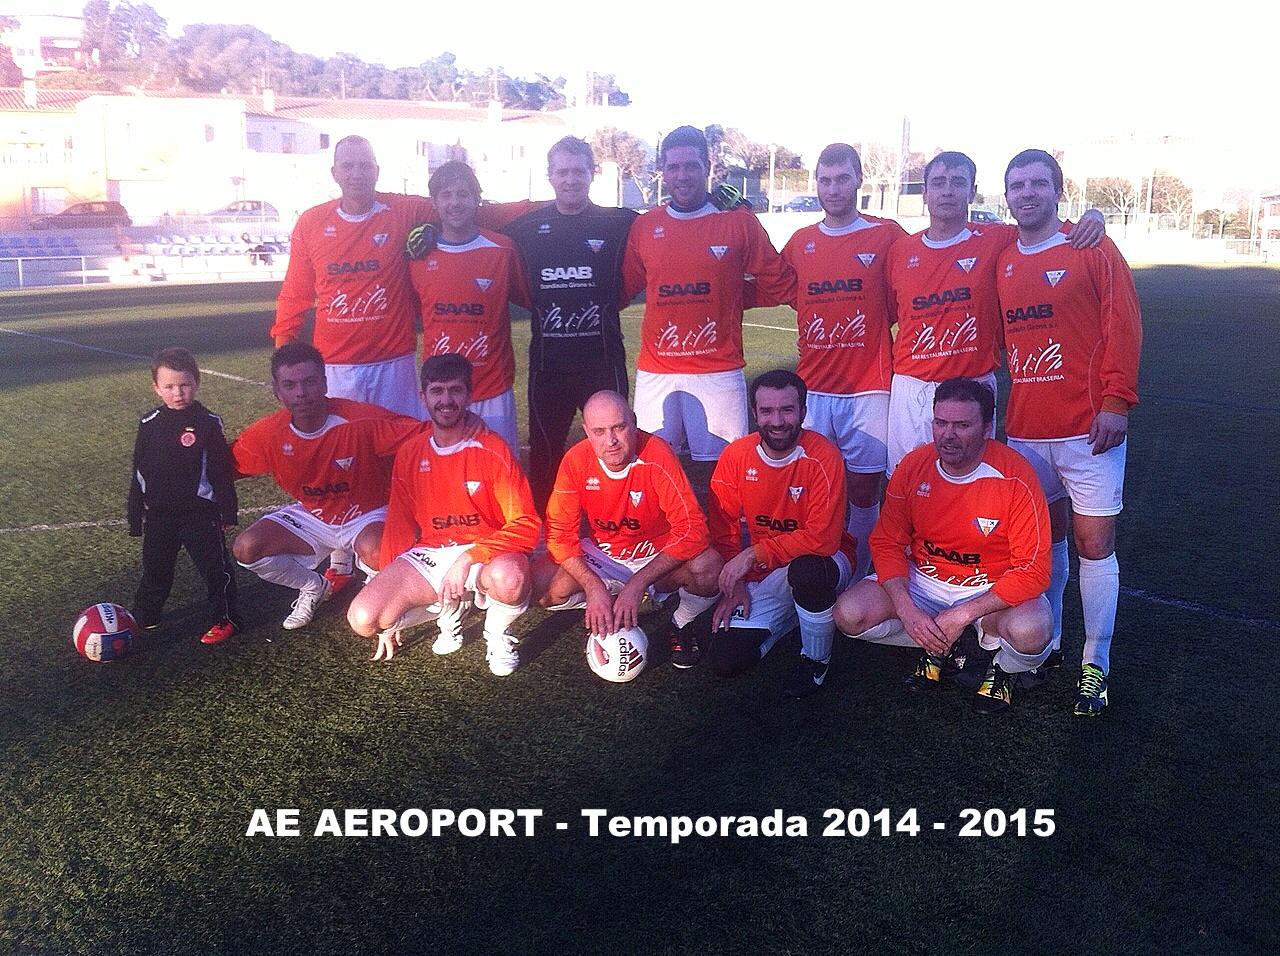 AE Aeroport 14-15